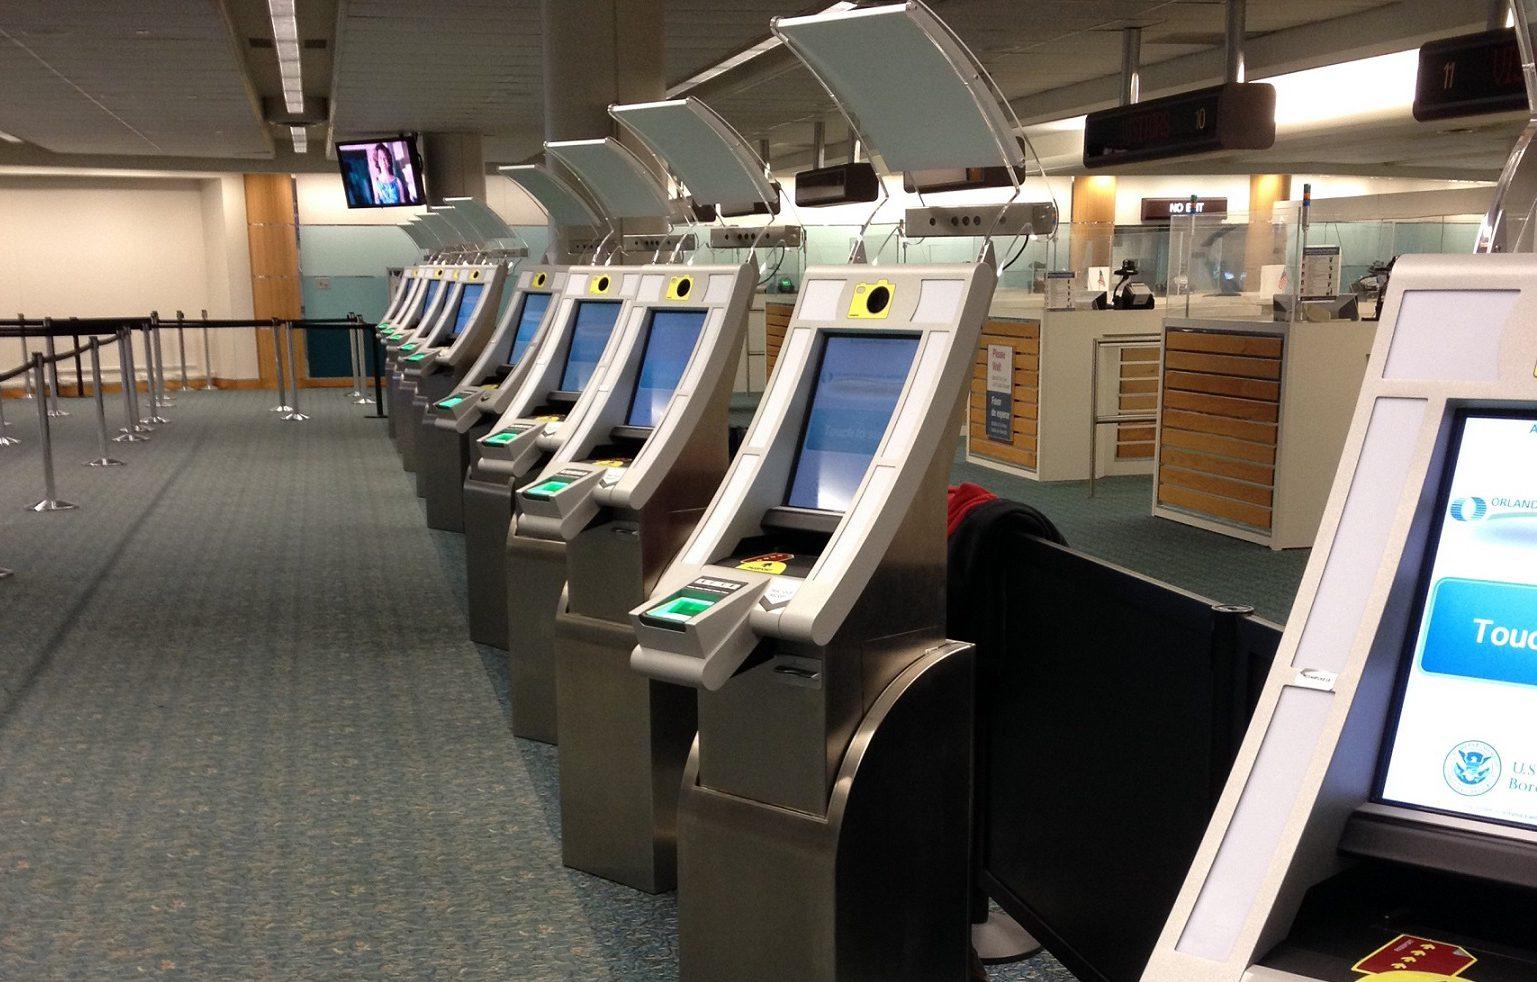 Aéreas e Aeroportos já investiram US$ 33 bilhões em TI este ano